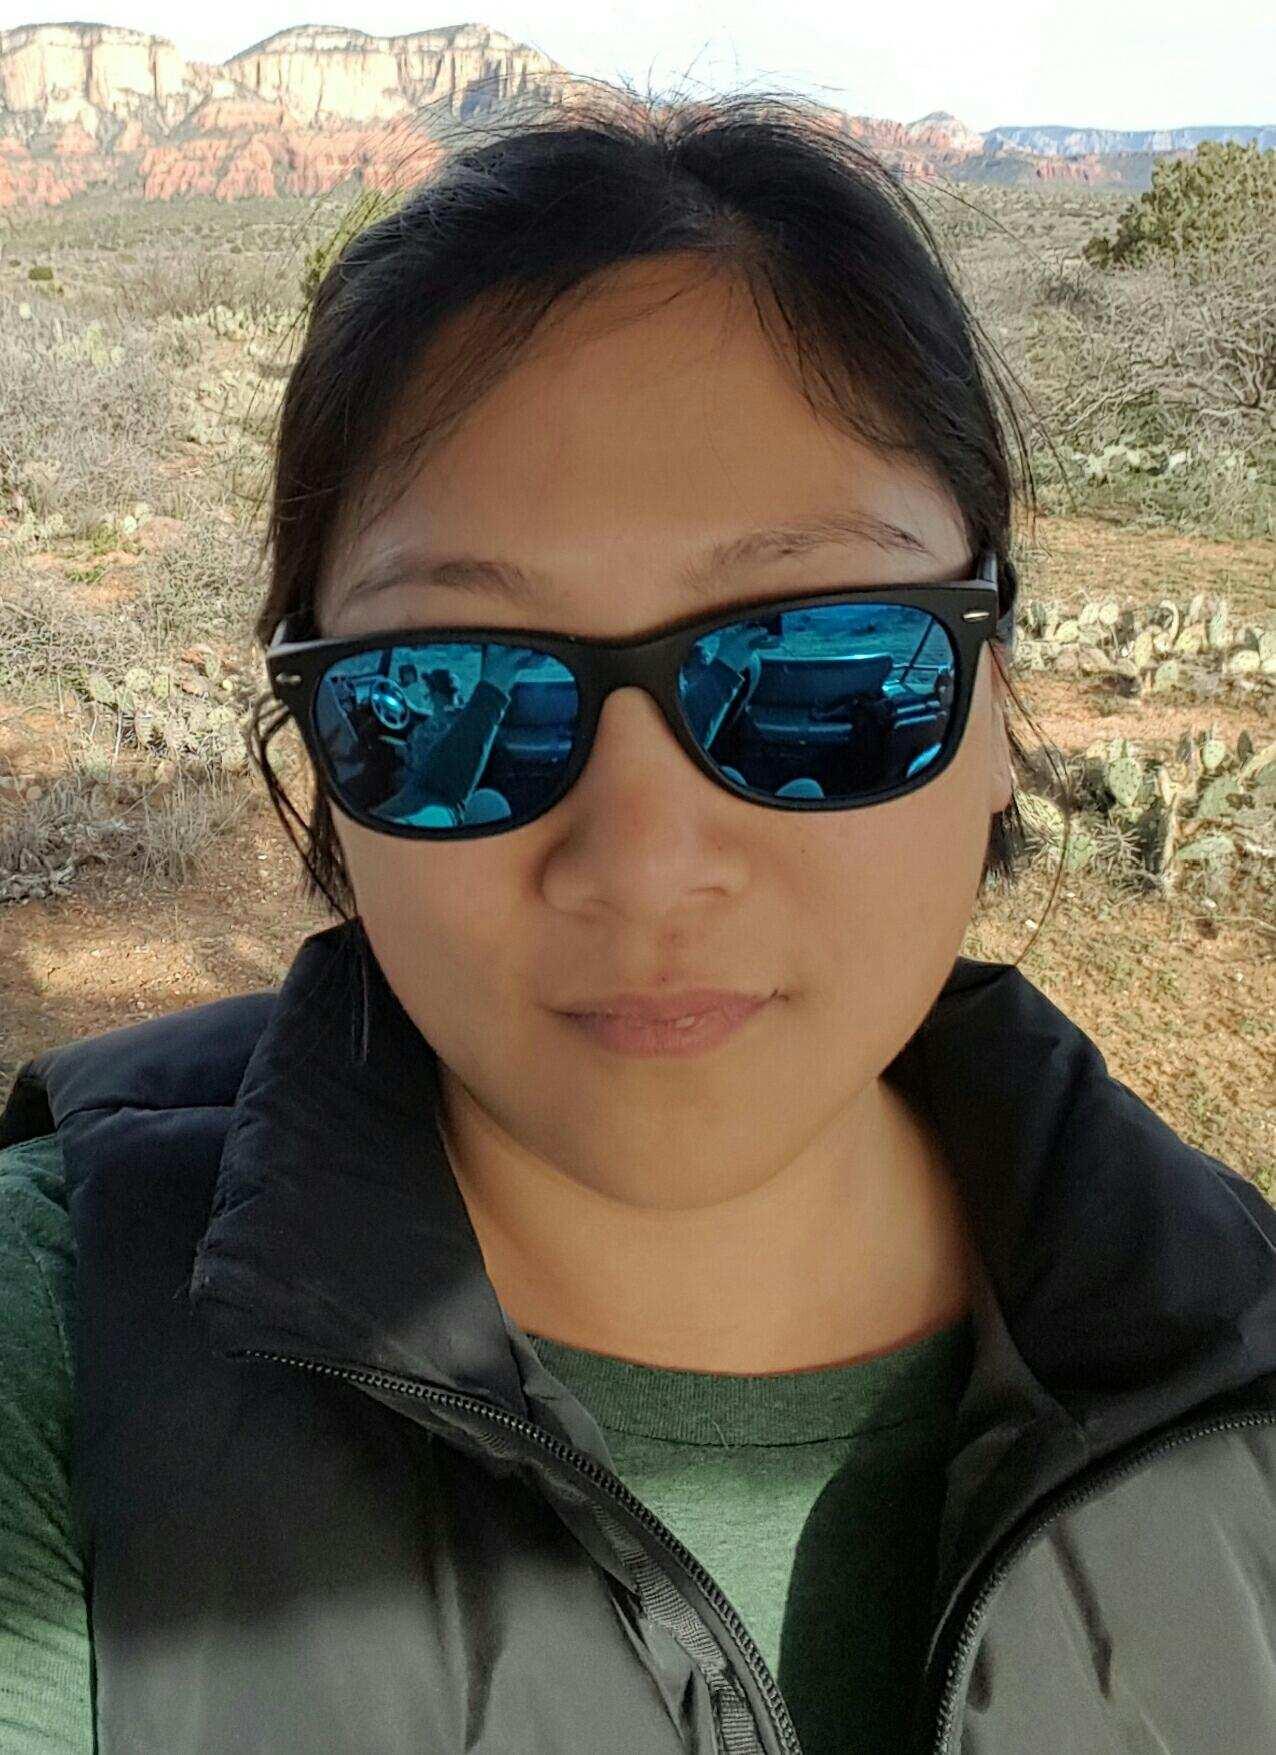 尹德韻  打击乐演奏员  曾参加梅拉诺文化演艺公司举办的 【花好月圆 ii 】【国乐盛典春雷动地】、【鹰飞龙腾新年新春】、【春之声】的大型演出活动。